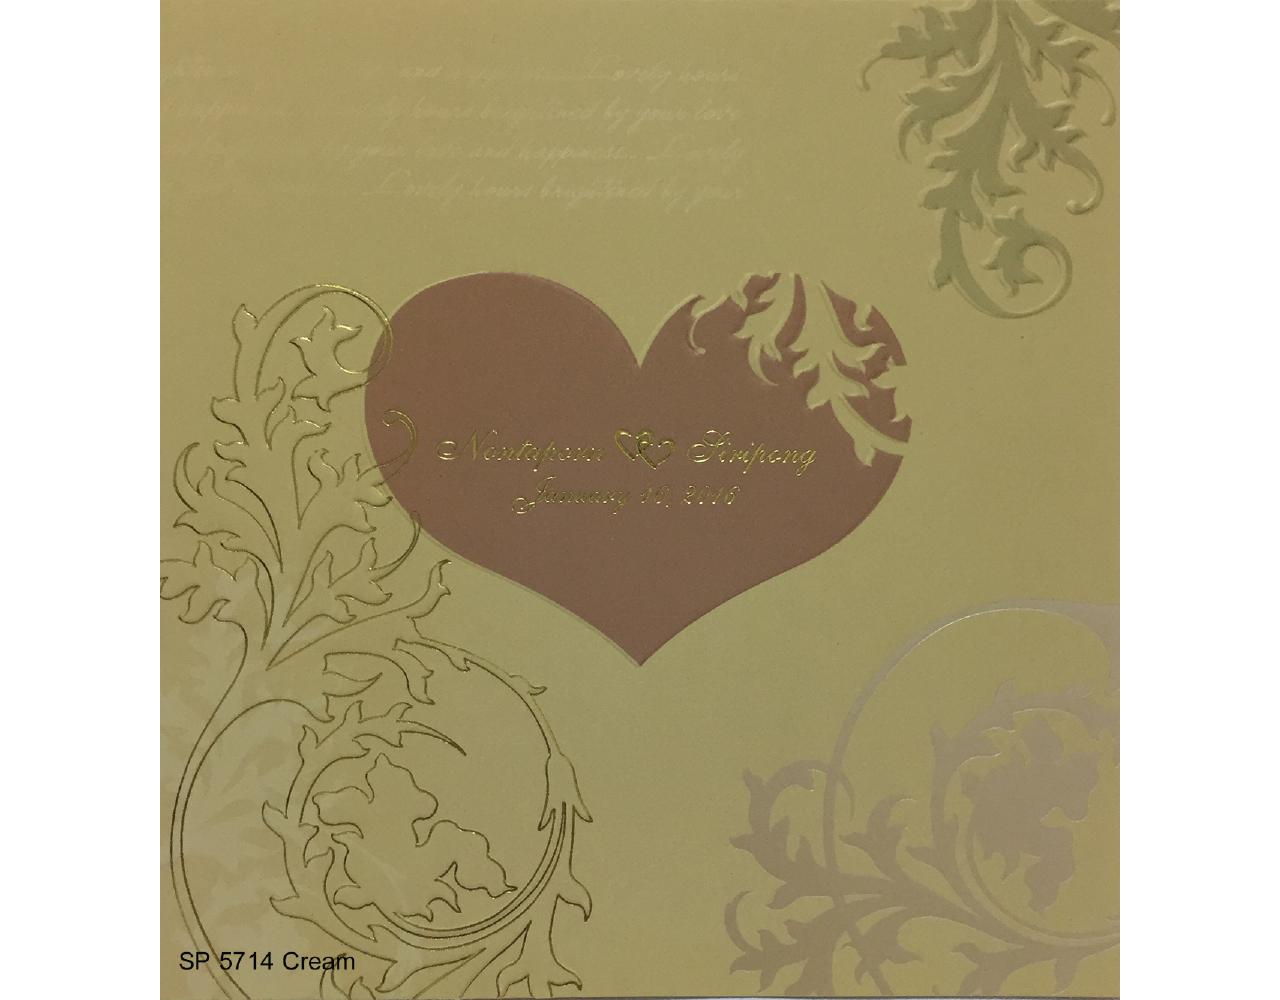 การ์ดแต่งงาน การ์ดเชิญงานแต่ง สีครีม รูปแบบเรียบ ๆ by Grace Greeting wedding card 6.9x7 inch SP 5714